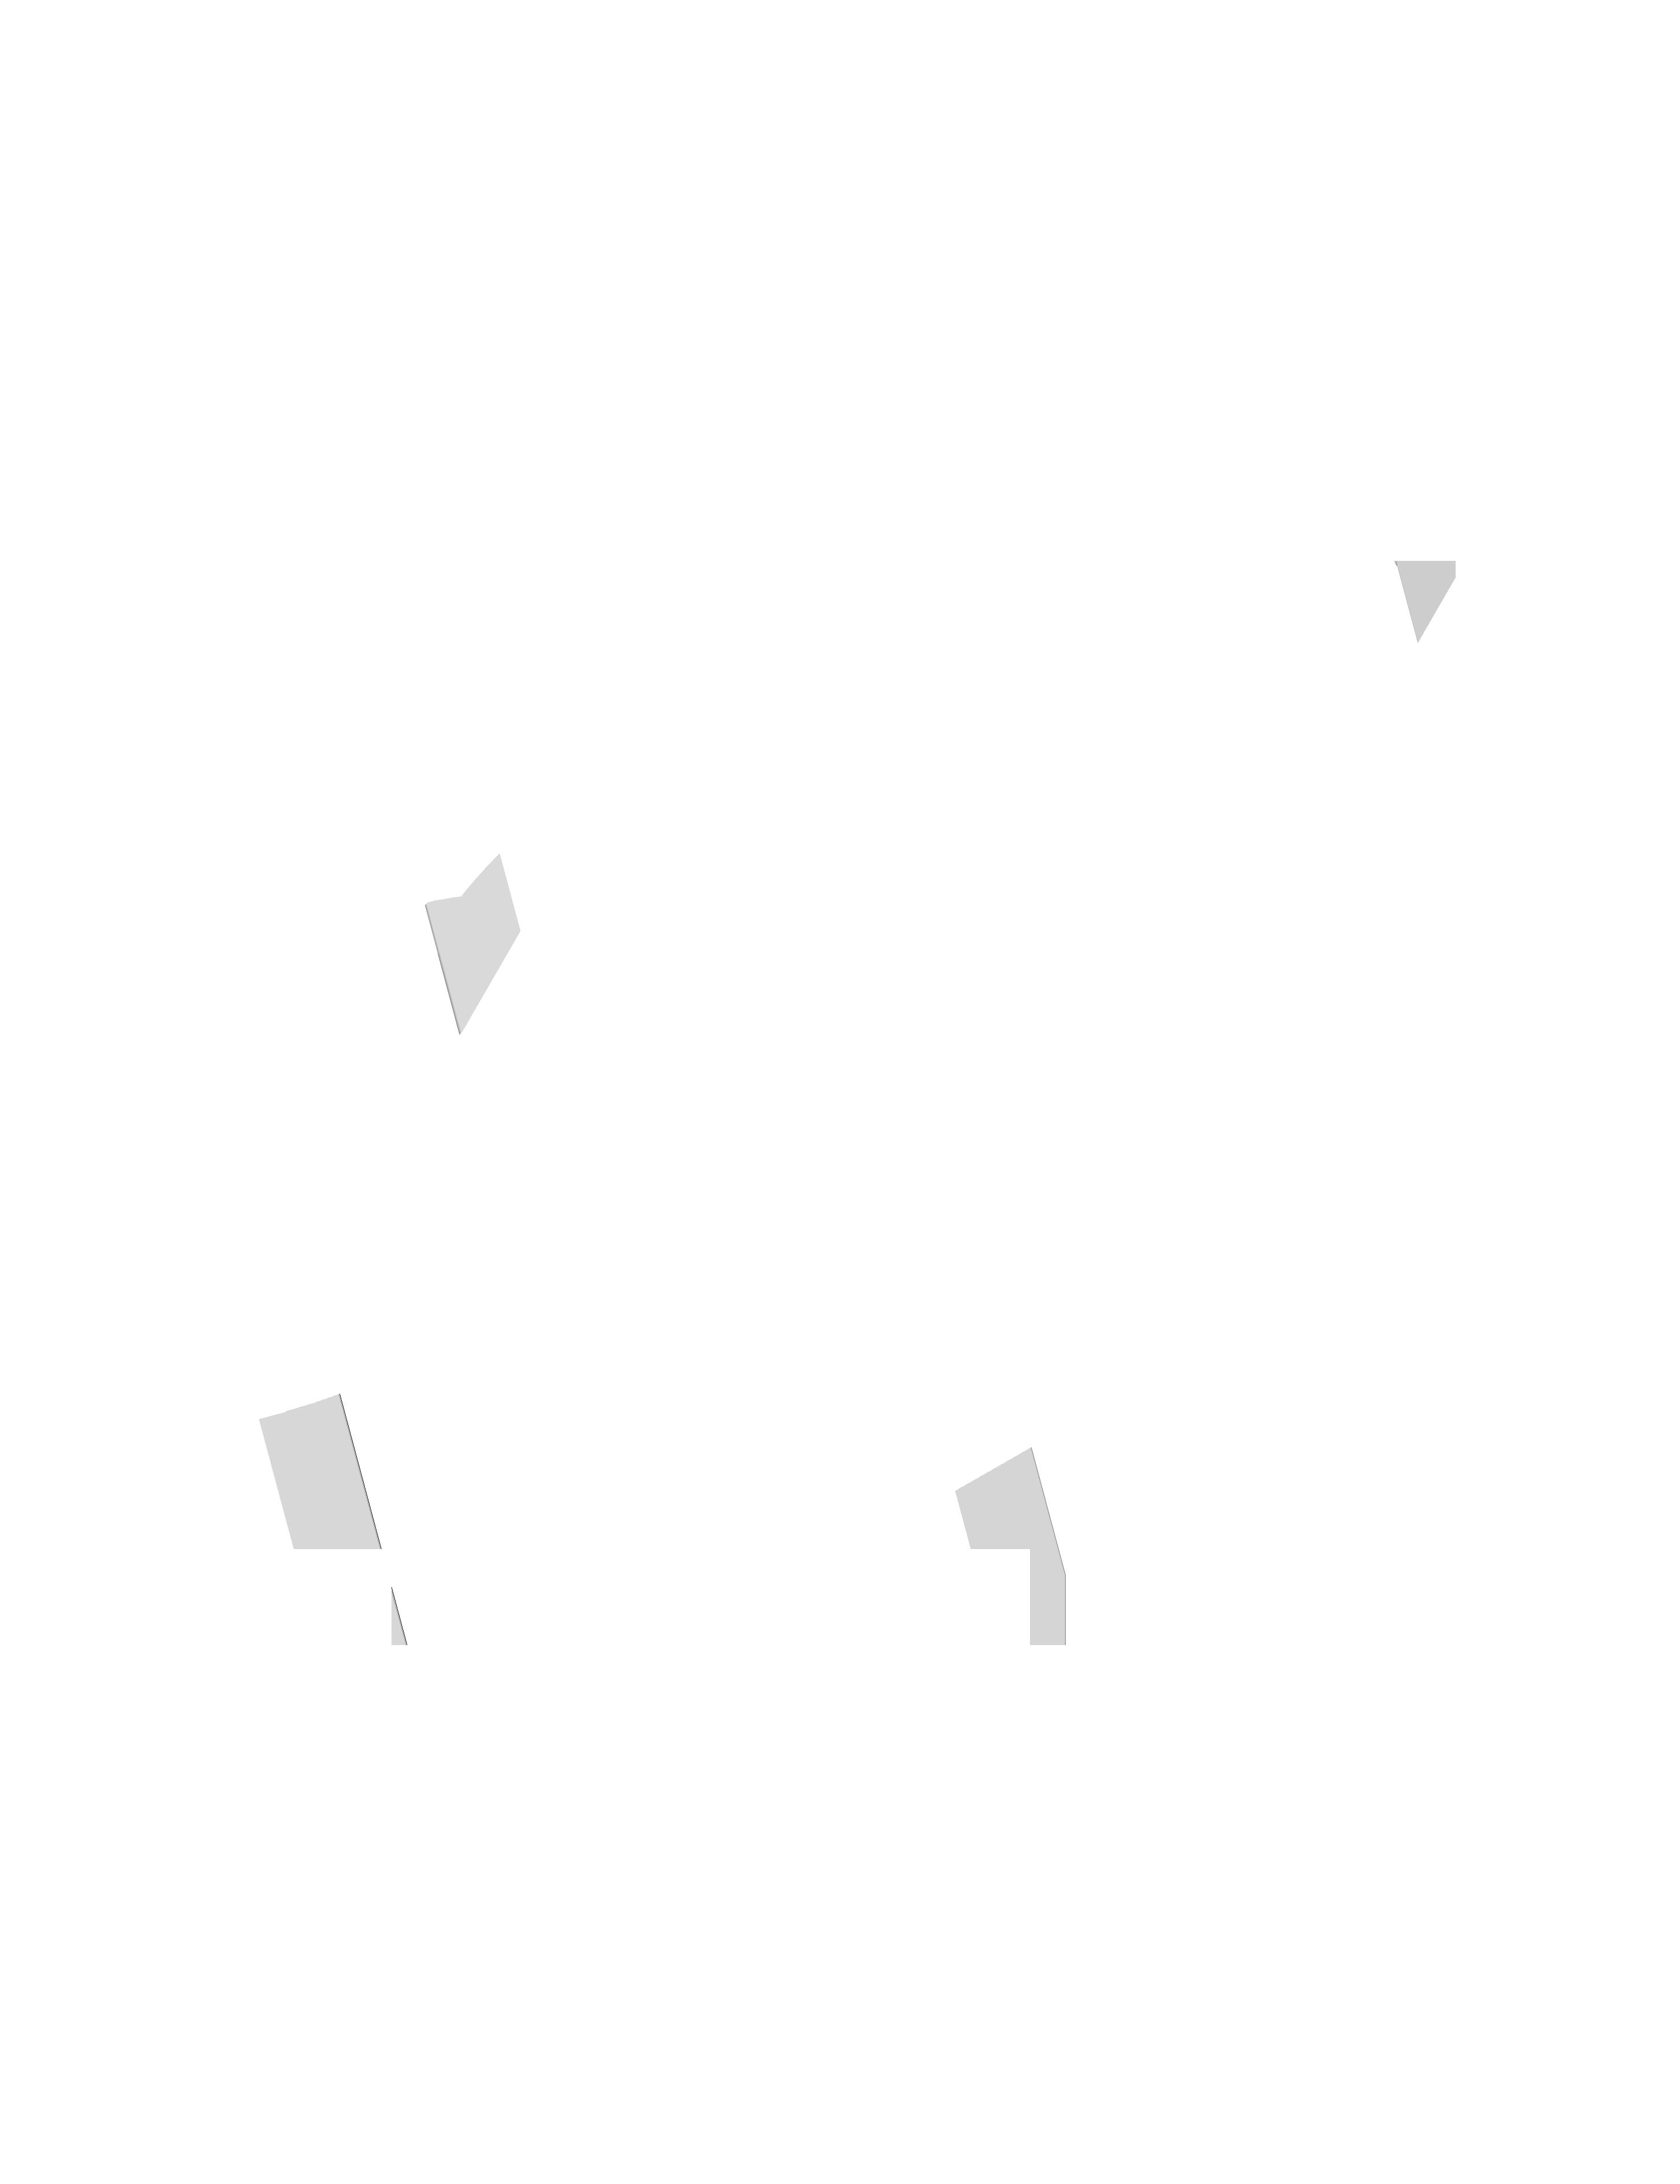 SEDS TR Üyelik Başvuru Formu